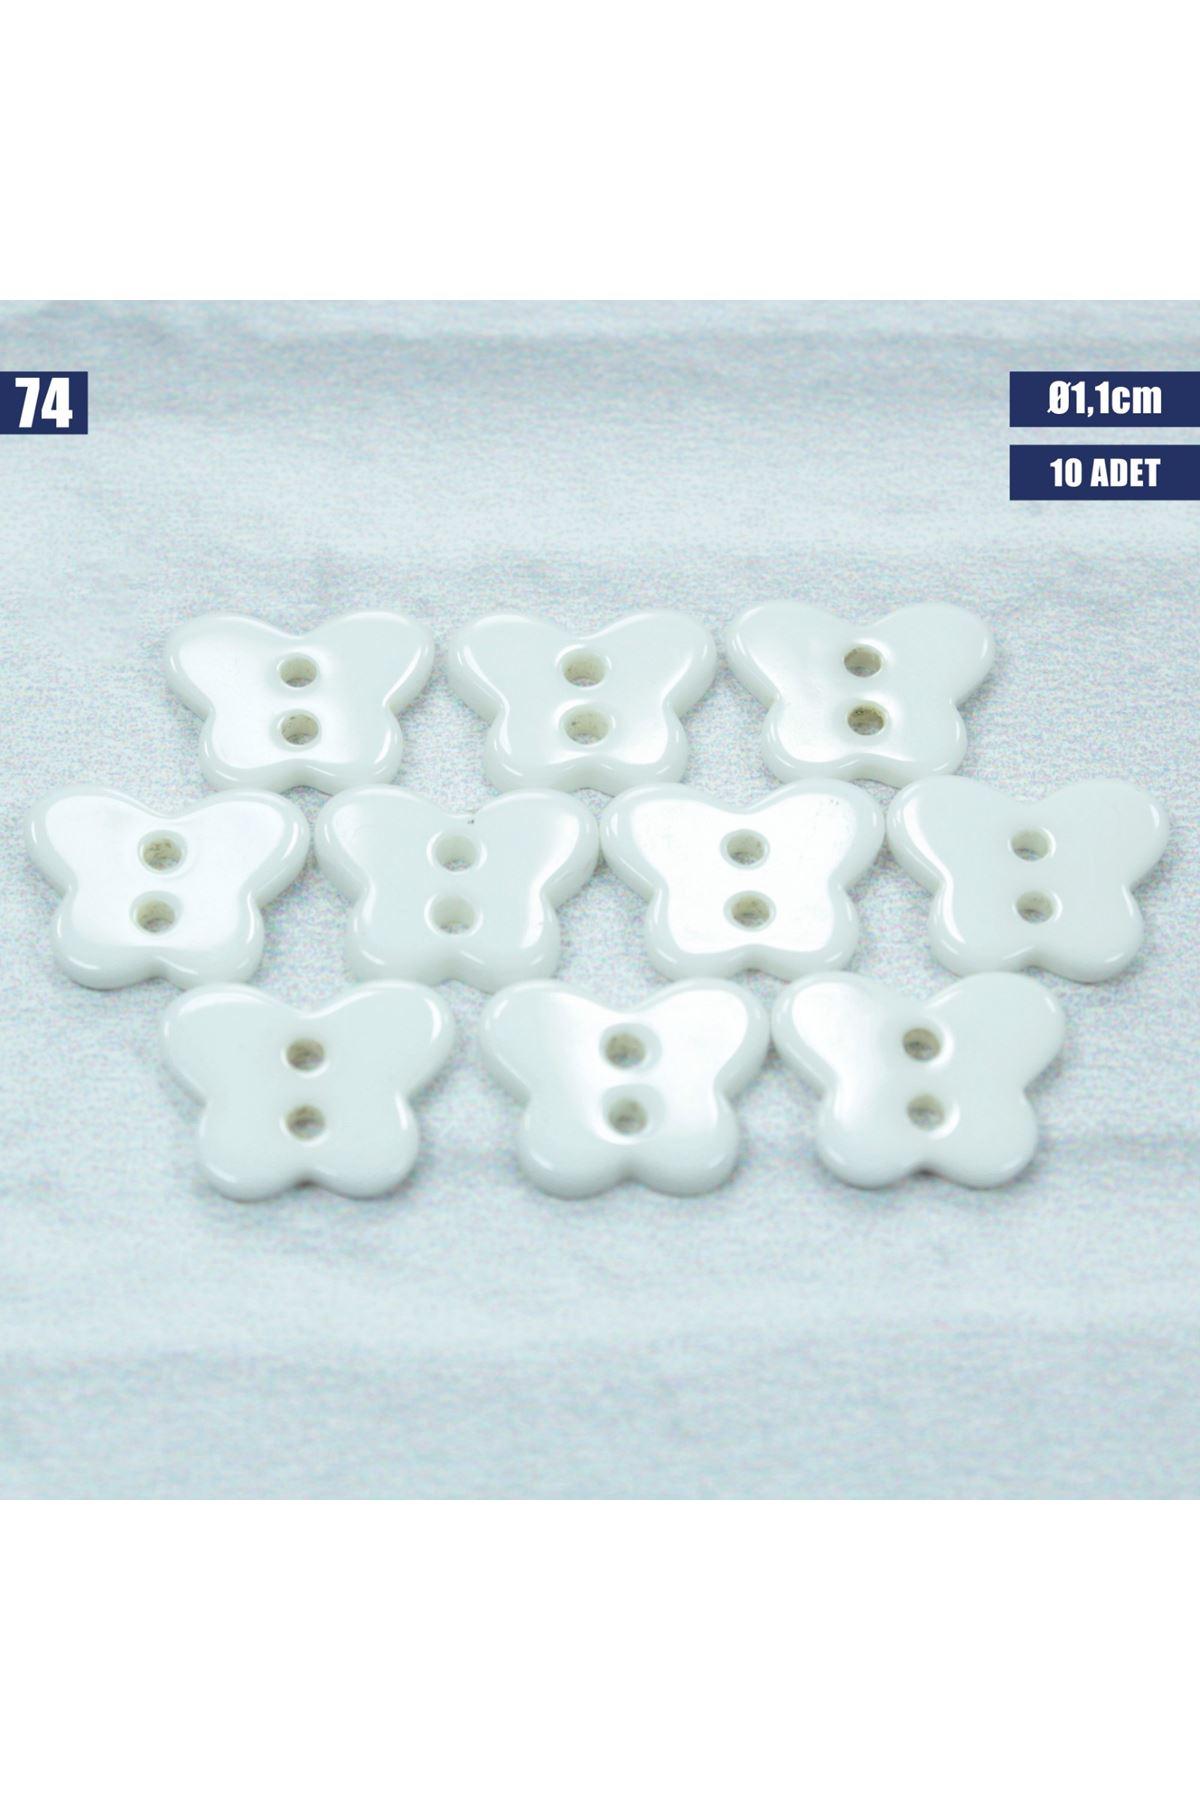 Amigurumi Düğmesi Ø 1,1cm - 74